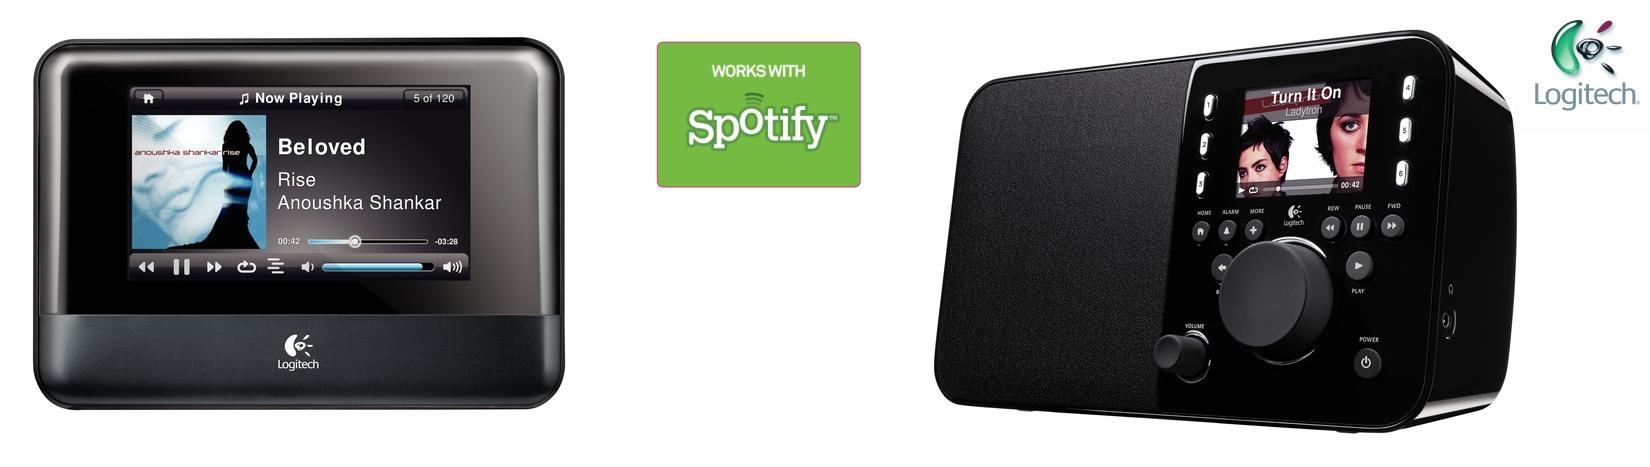 Squeezebox_Spotify